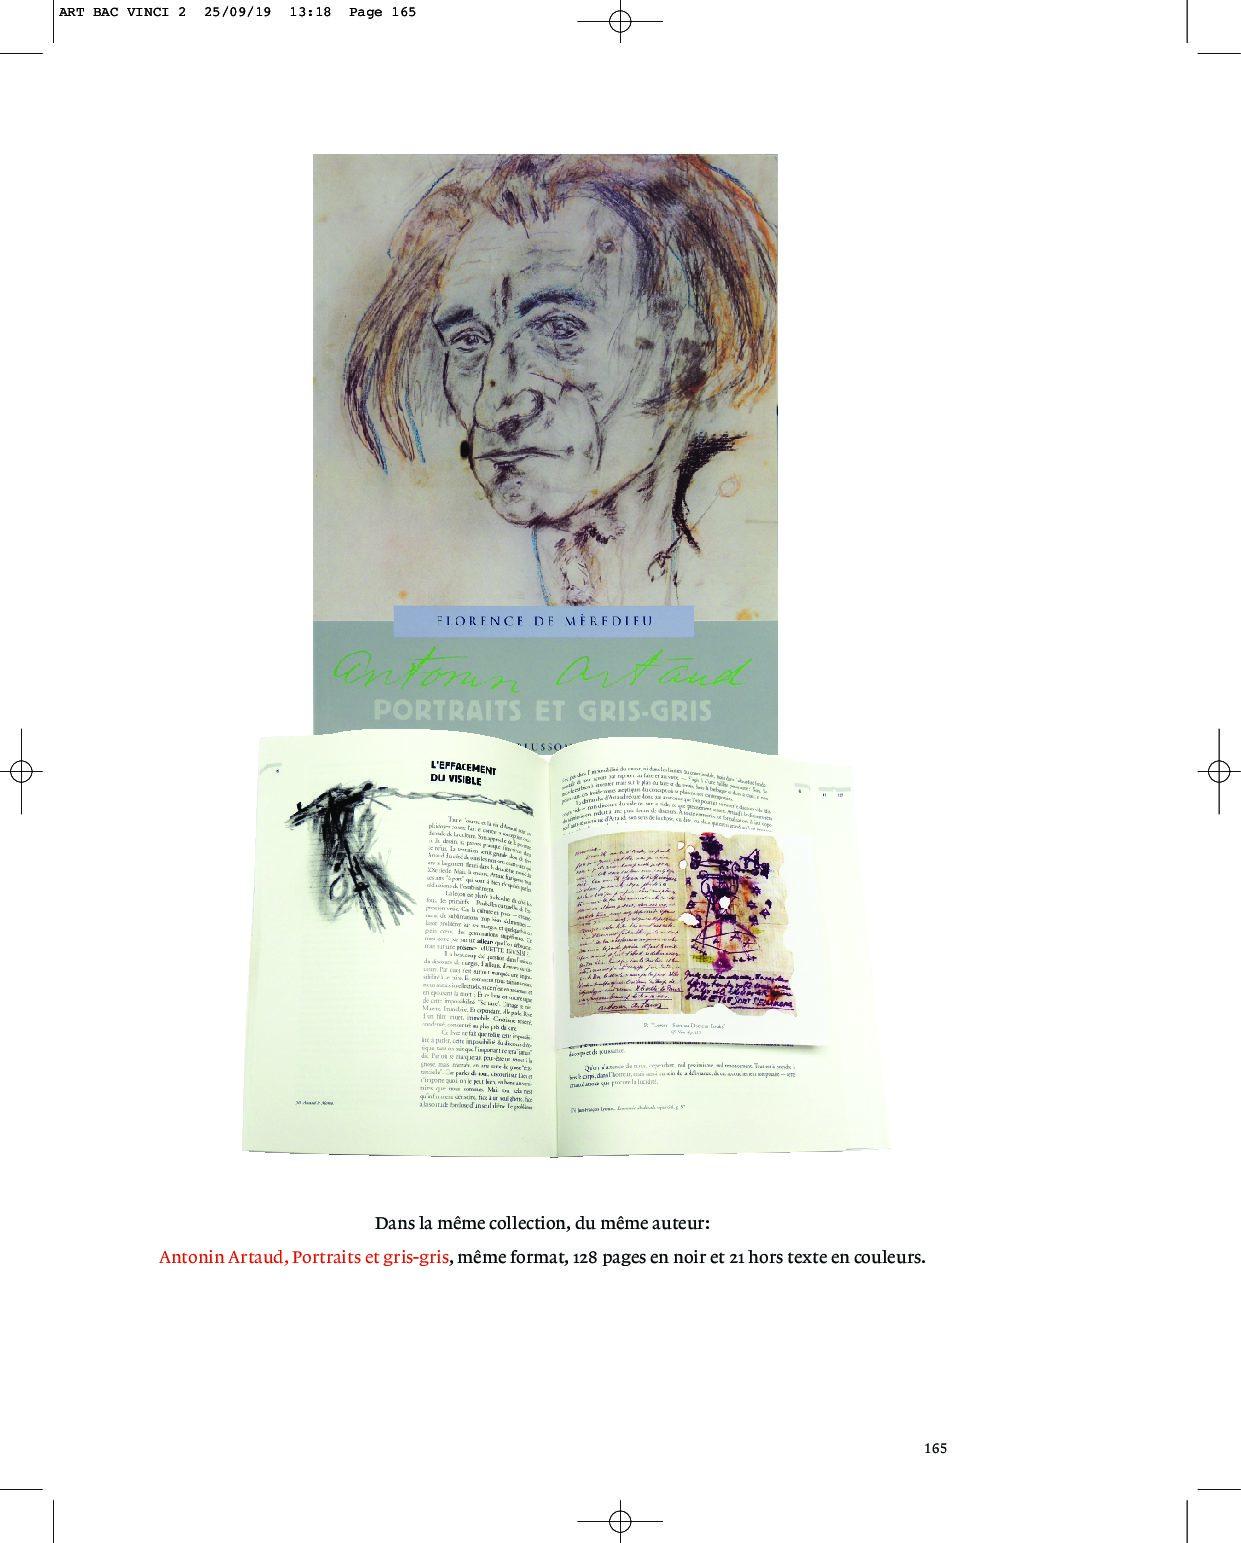 Antonin Artaud, Portraits et gris-gris, Paris, Blusson, édition enrichie de 22 hors textes couleurs (2019)